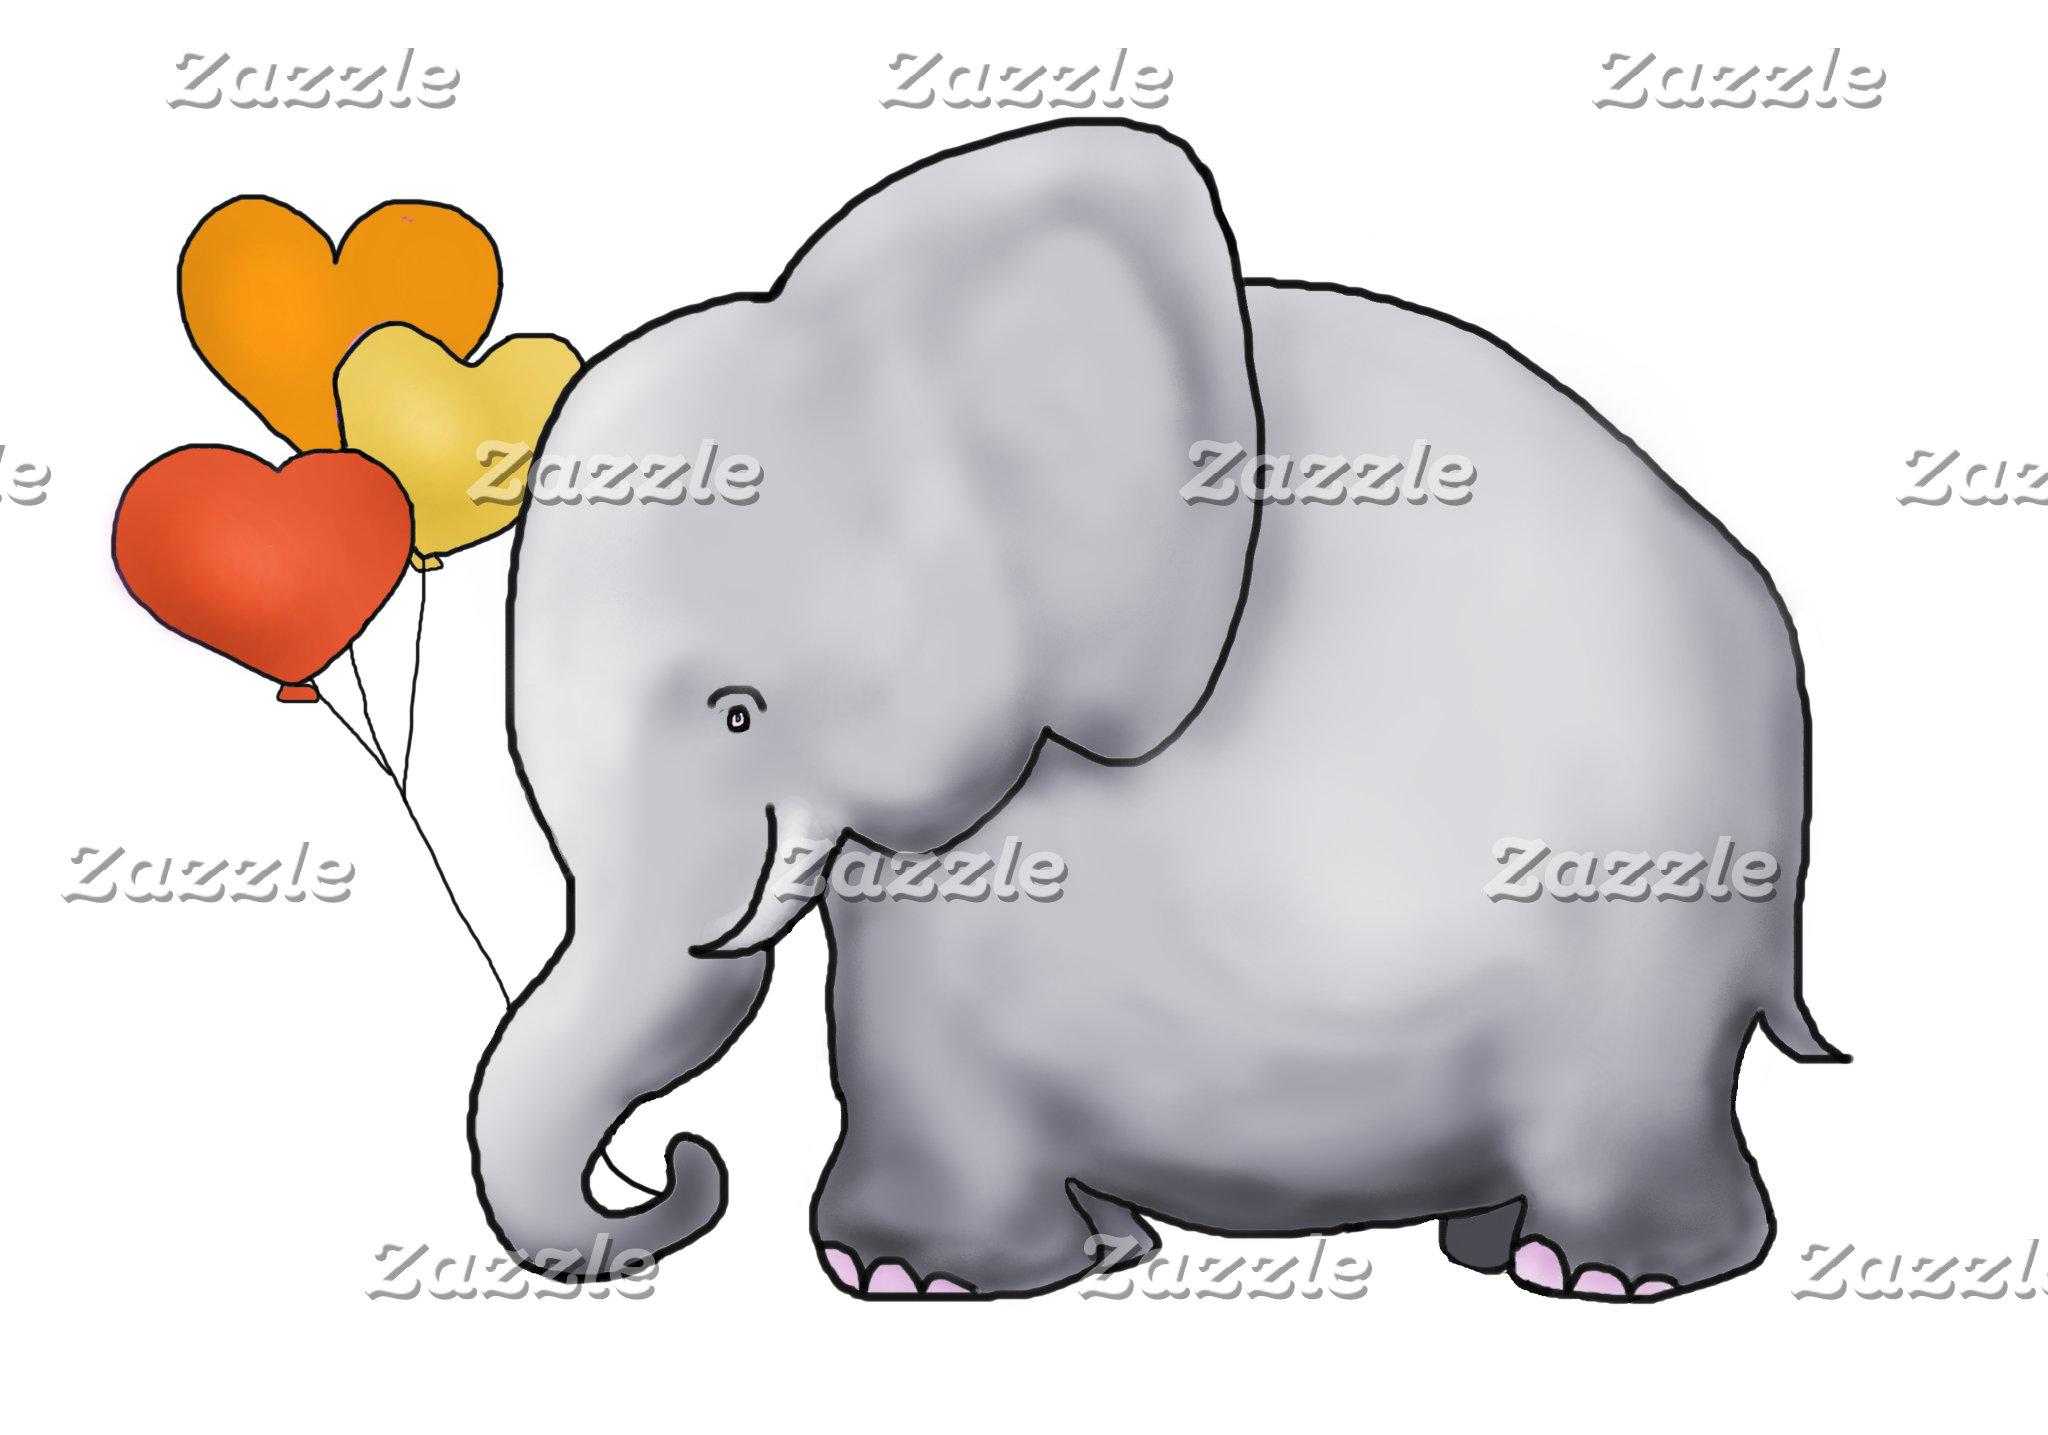 Cartoon Elephant with Heart Balloons